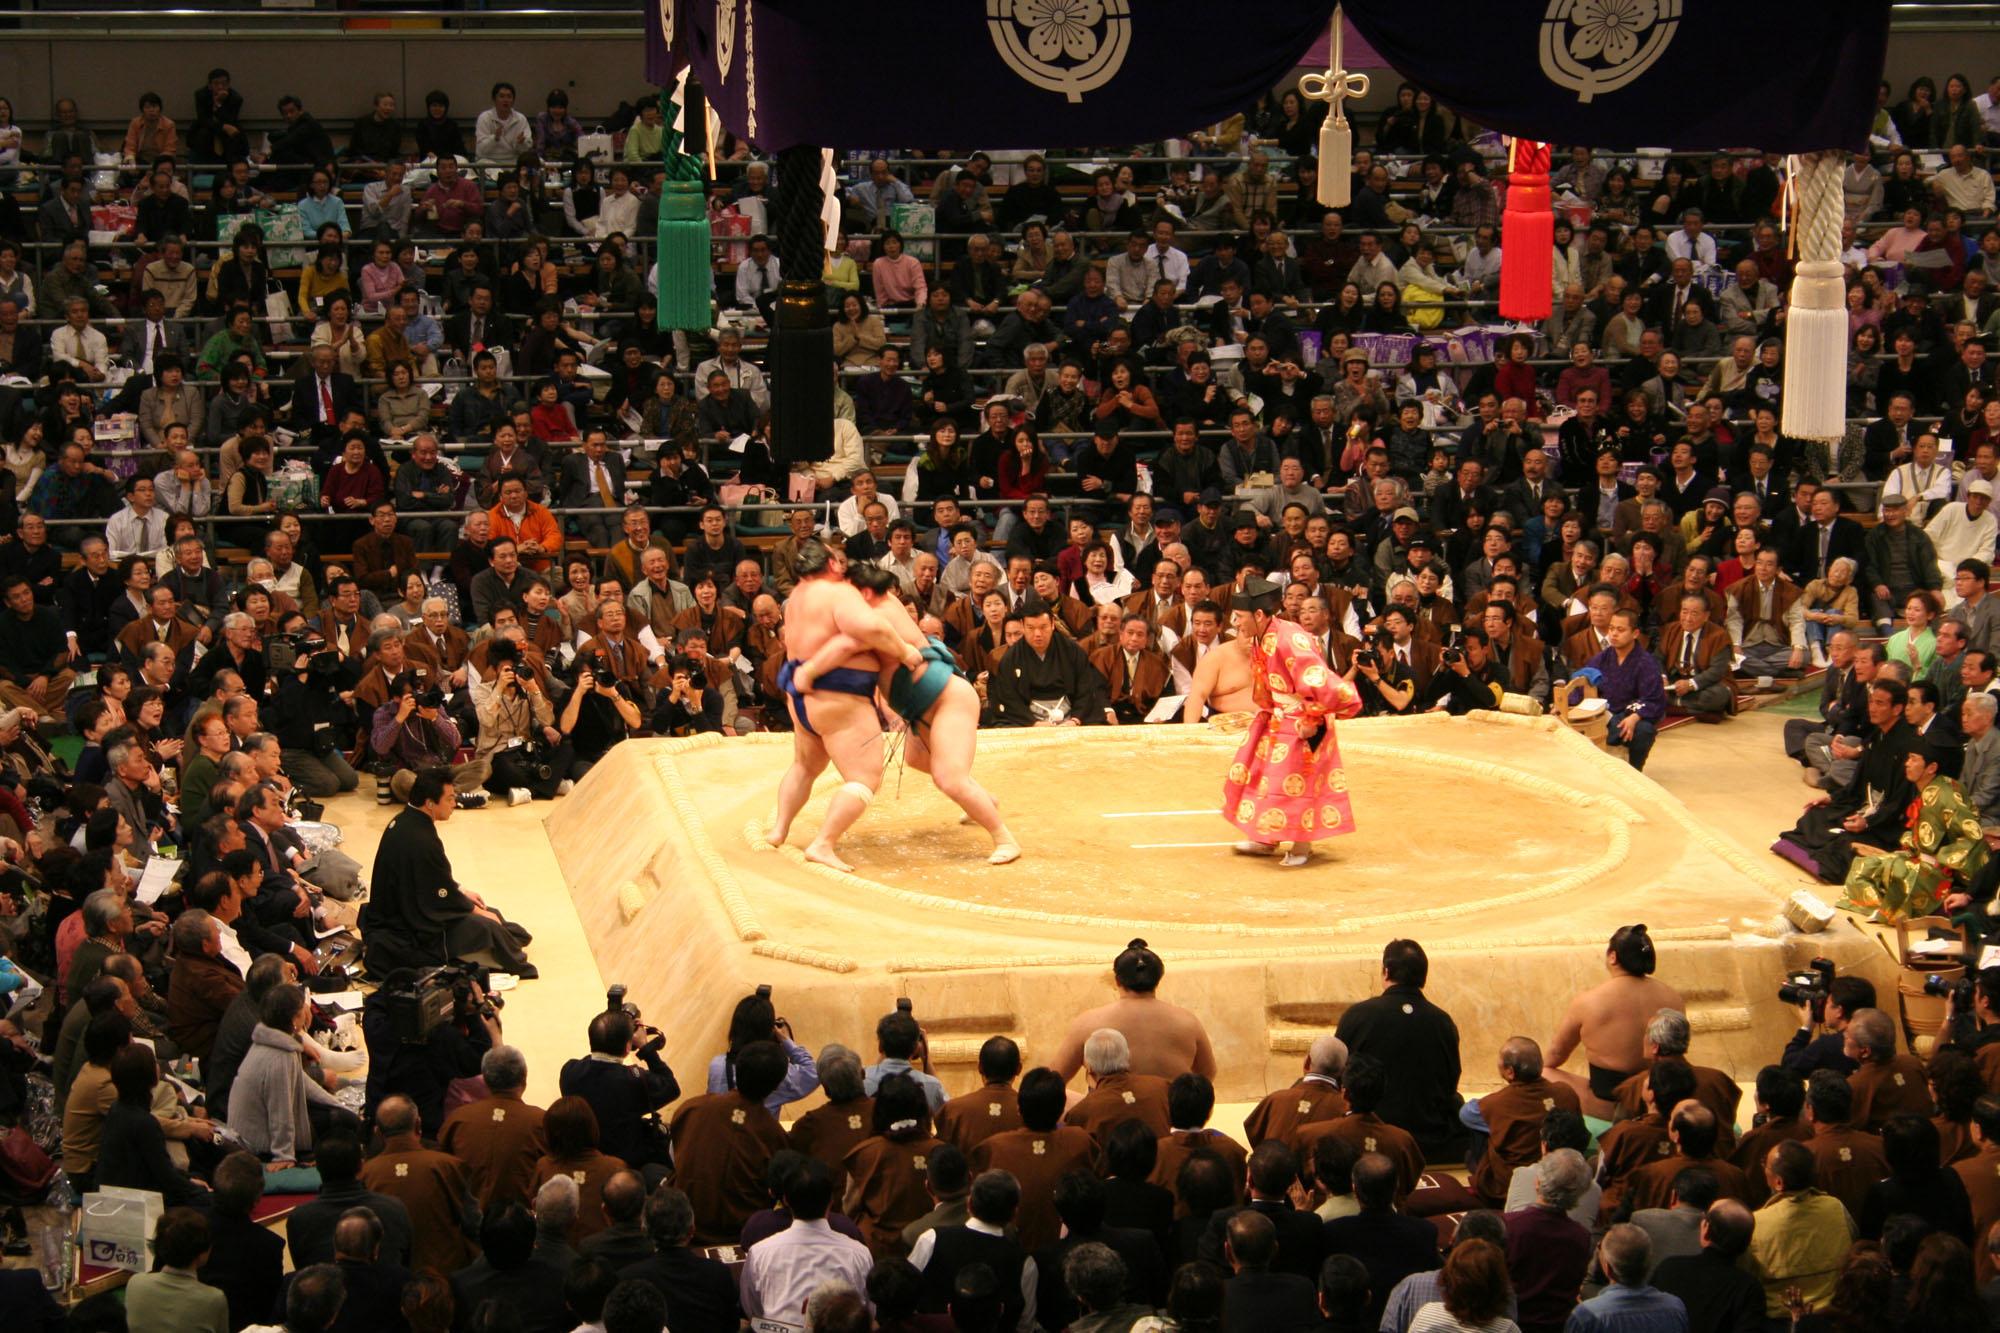 Torneo de Sumo en Japón